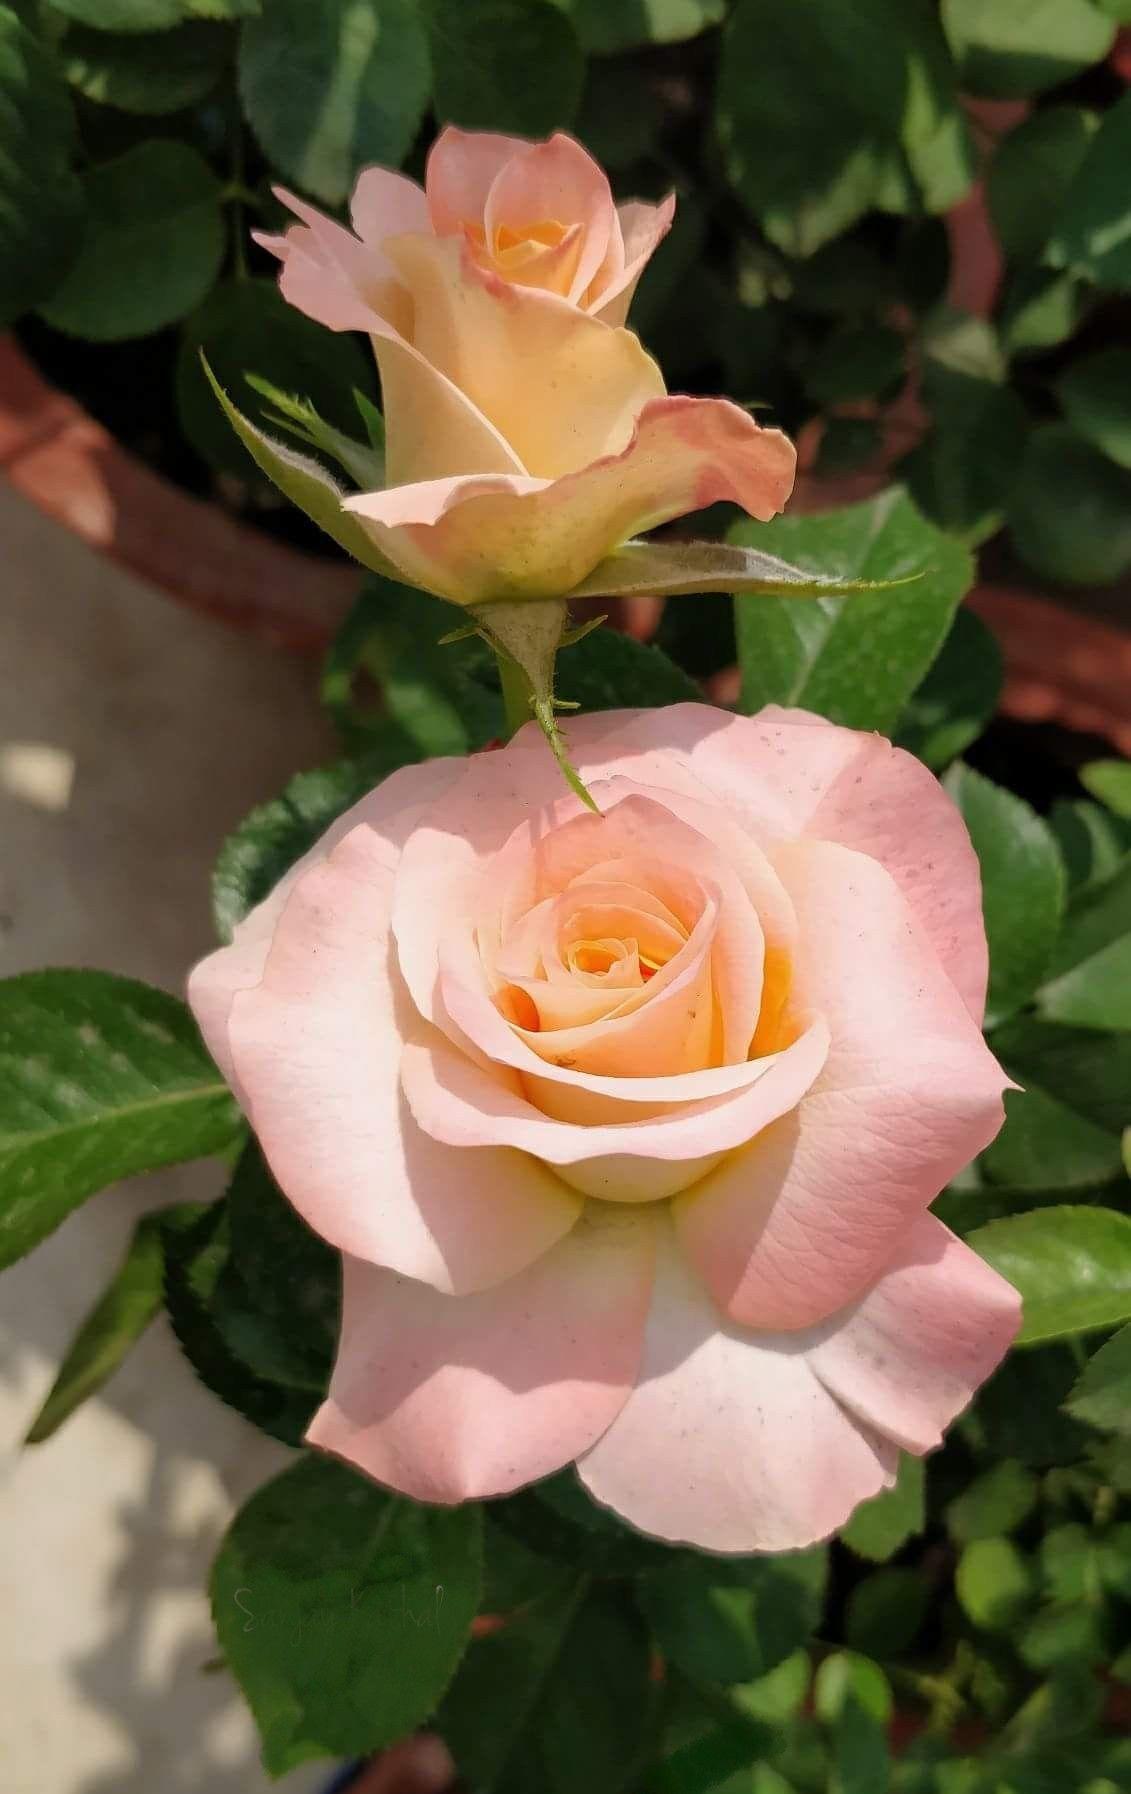 สีหวาน | Красные розы, Красивые цветы, Розовые розы  Фруктовый Сад Обои